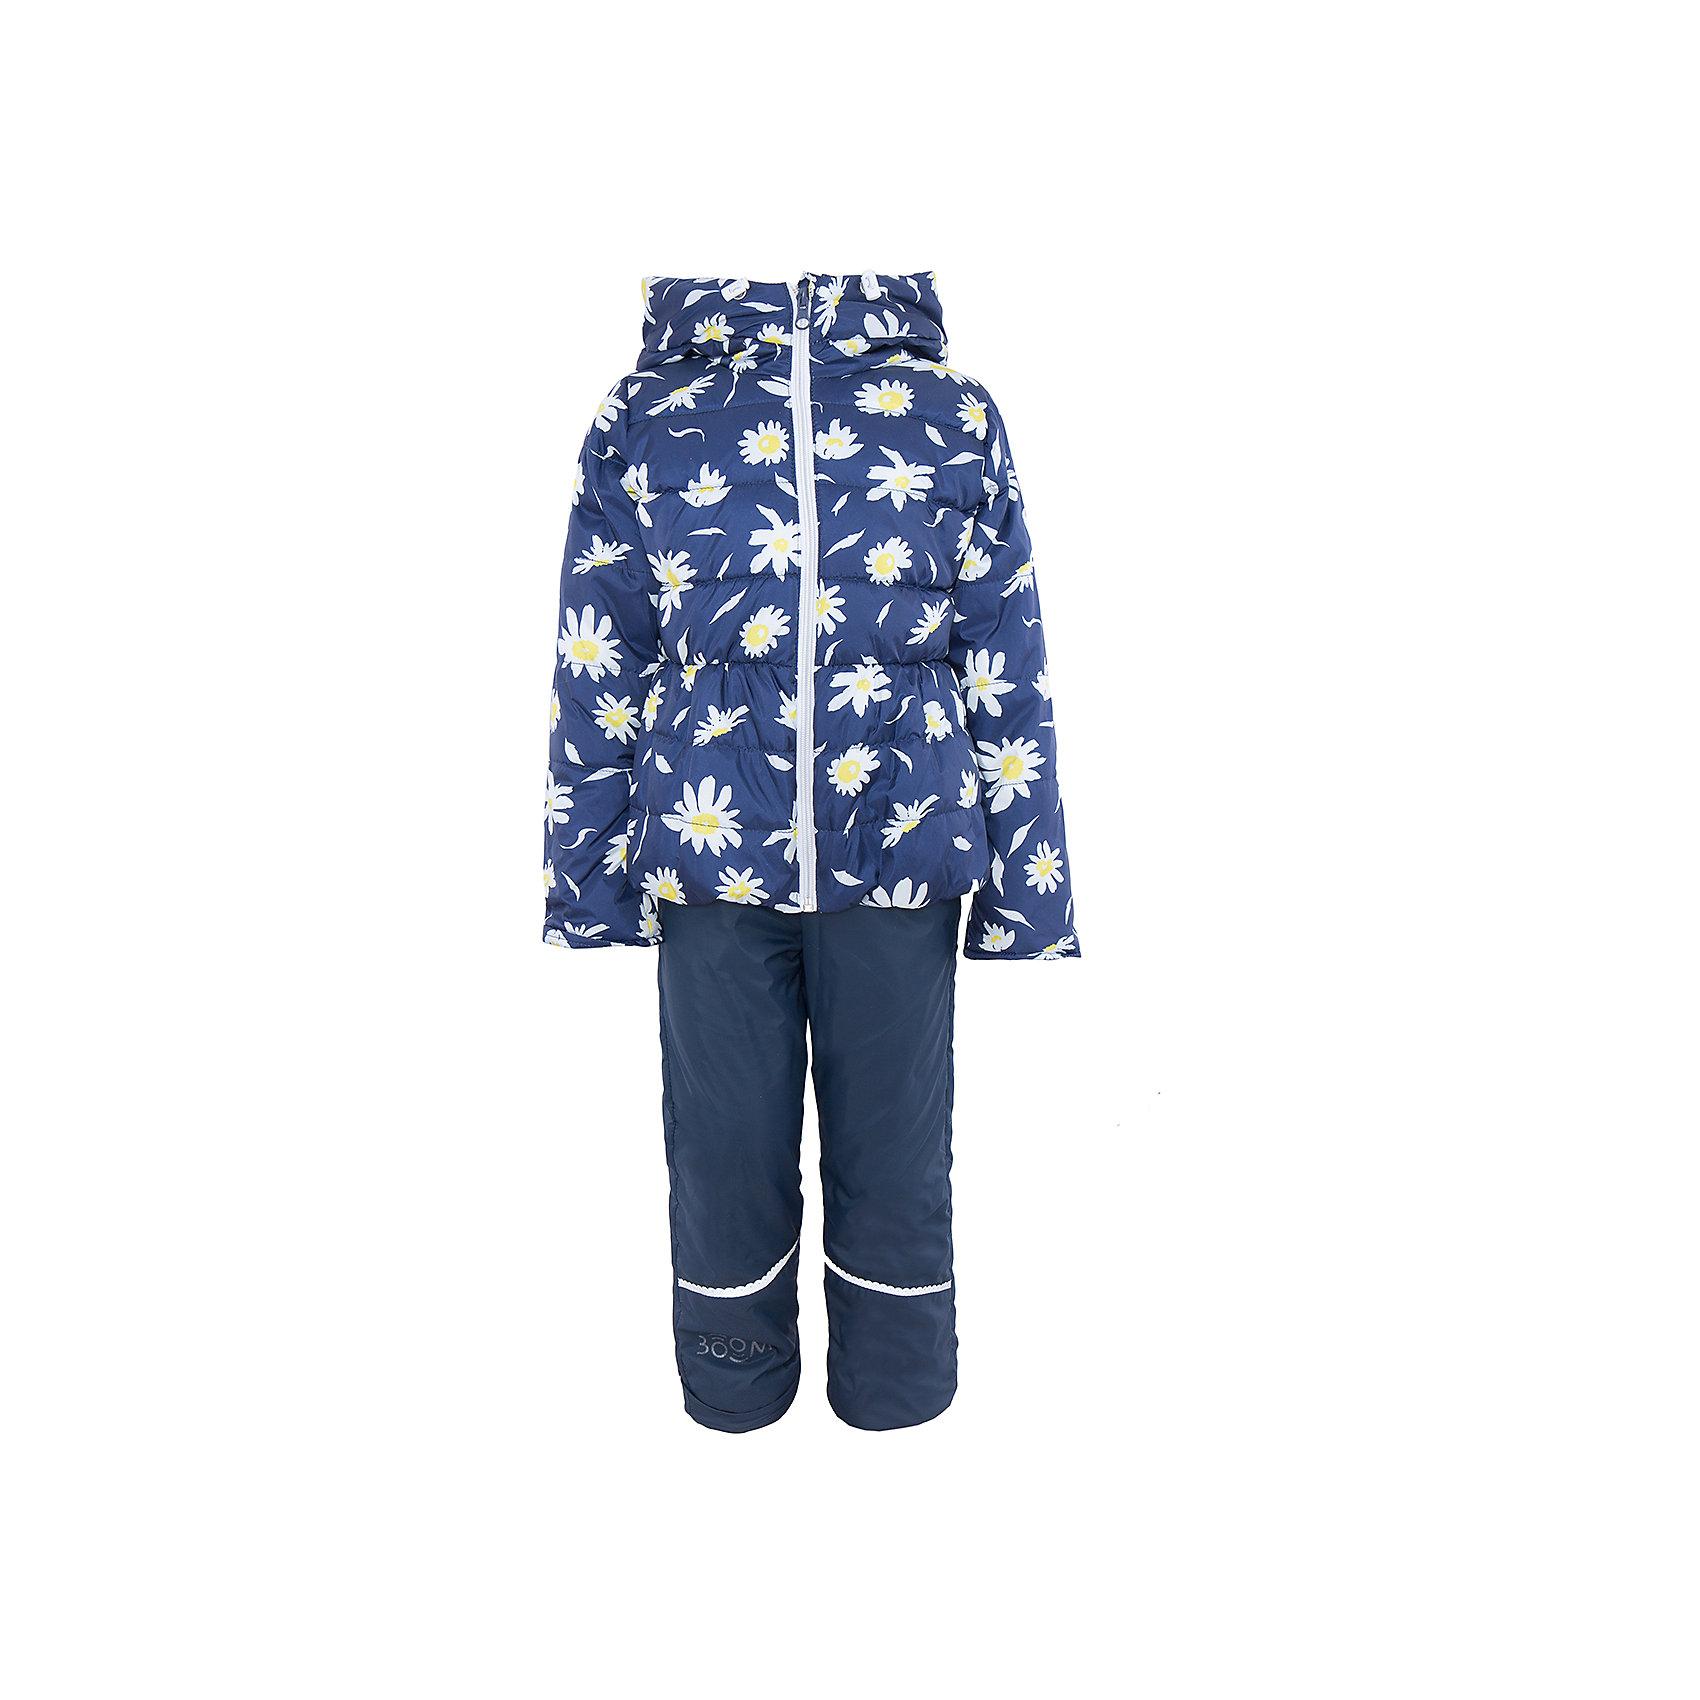 Комплект для девочки BOOM by OrbyВерхняя одежда<br>Характеристики товара:<br><br>• цвет: синий<br>• состав: <br>курточка: верх - таффета, подкладка - поликоттон, полиэстер, утеплитель: эко-синтепон 150 г/м2<br>брюки: верх - таффета, подкладка - флис<br>• комплектация: куртка, брюки<br>• температурный режим: от -5 С° до +10 С° <br>• из непромокаемой ткани, с водо и грязеотталкивающими пропитками<br>• застежка - молния<br>• благодаря манжетам-отворотам значительно регулируется размер<br>• куртка декорирована принтом<br>• комфортная посадка<br>• страна производства: Российская Федерация<br>• страна бренда: Российская Федерация<br>• коллекция: весна-лето 2017<br><br>Такой комплект - универсальный вариант для межсезонья с постоянно меняющейся погодой. Эта модель - модная и удобная одновременно! Изделие отличается стильным ярким дизайном. Куртка и брюки хорошо сидят по фигуре, отлично сочетается с различной обувью. Модель была разработана специально для детей.<br><br>Одежда от российского бренда BOOM by Orby уже завоевала популярностью у многих детей и их родителей. Вещи, выпускаемые компанией, качественные, продуманные и очень удобные. Для производства коллекций используются только безопасные для детей материалы. Спешите приобрести модели из новой коллекции Весна-лето 2017! <br><br>Комплект для девочки от бренда BOOM by Orby можно купить в нашем интернет-магазине.<br><br>Ширина мм: 356<br>Глубина мм: 10<br>Высота мм: 245<br>Вес г: 519<br>Цвет: синий<br>Возраст от месяцев: 36<br>Возраст до месяцев: 48<br>Пол: Женский<br>Возраст: Детский<br>Размер: 104,122,86,92,98,110,116<br>SKU: 5343630